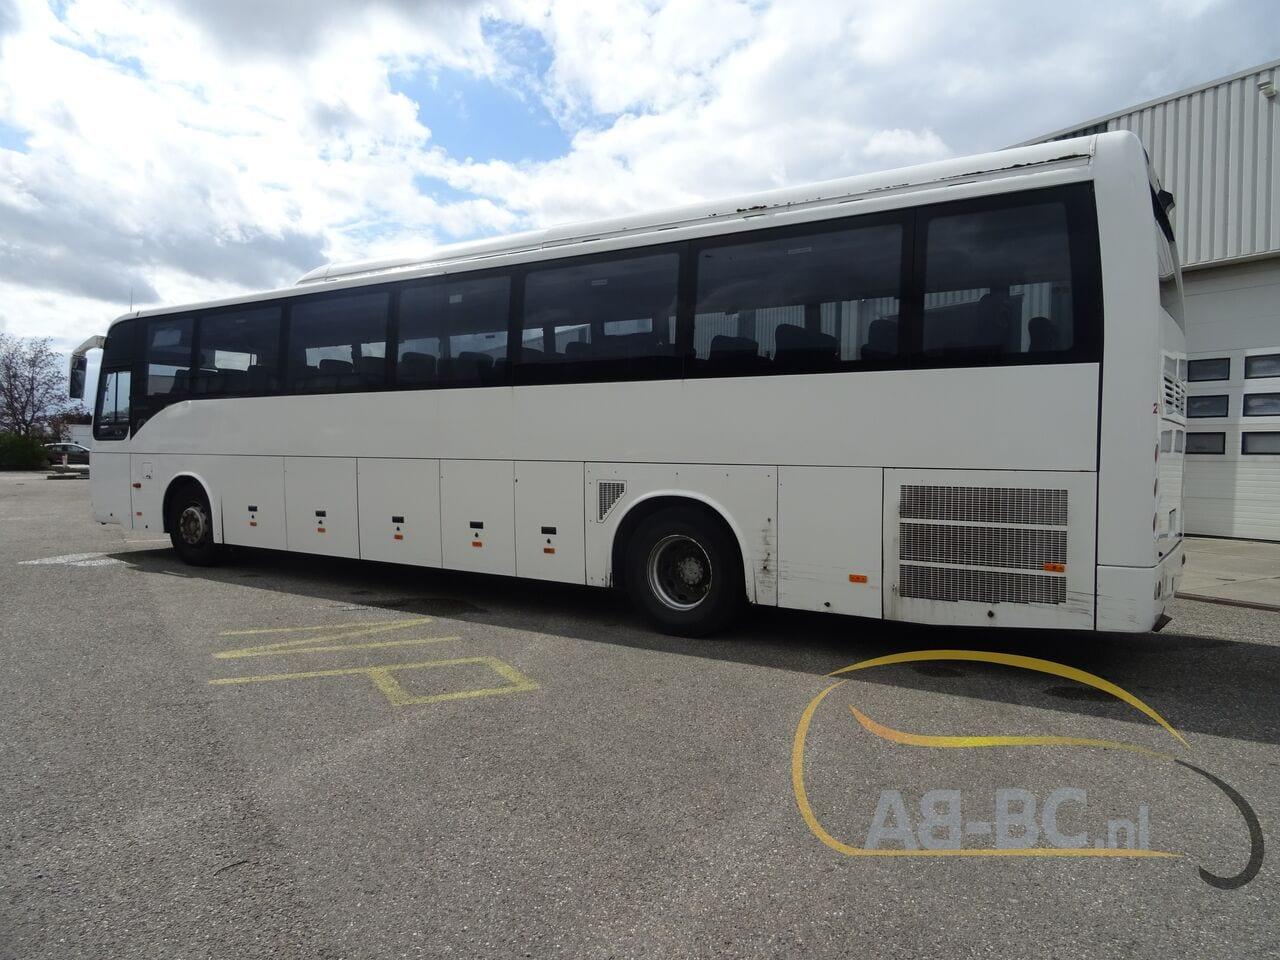 coach-busTEMSA-Safari-RD-65-Seats---1620311727715941388_big_4d3d1cf660f5b83e02caf1b3516c71b4--21050617272795316700